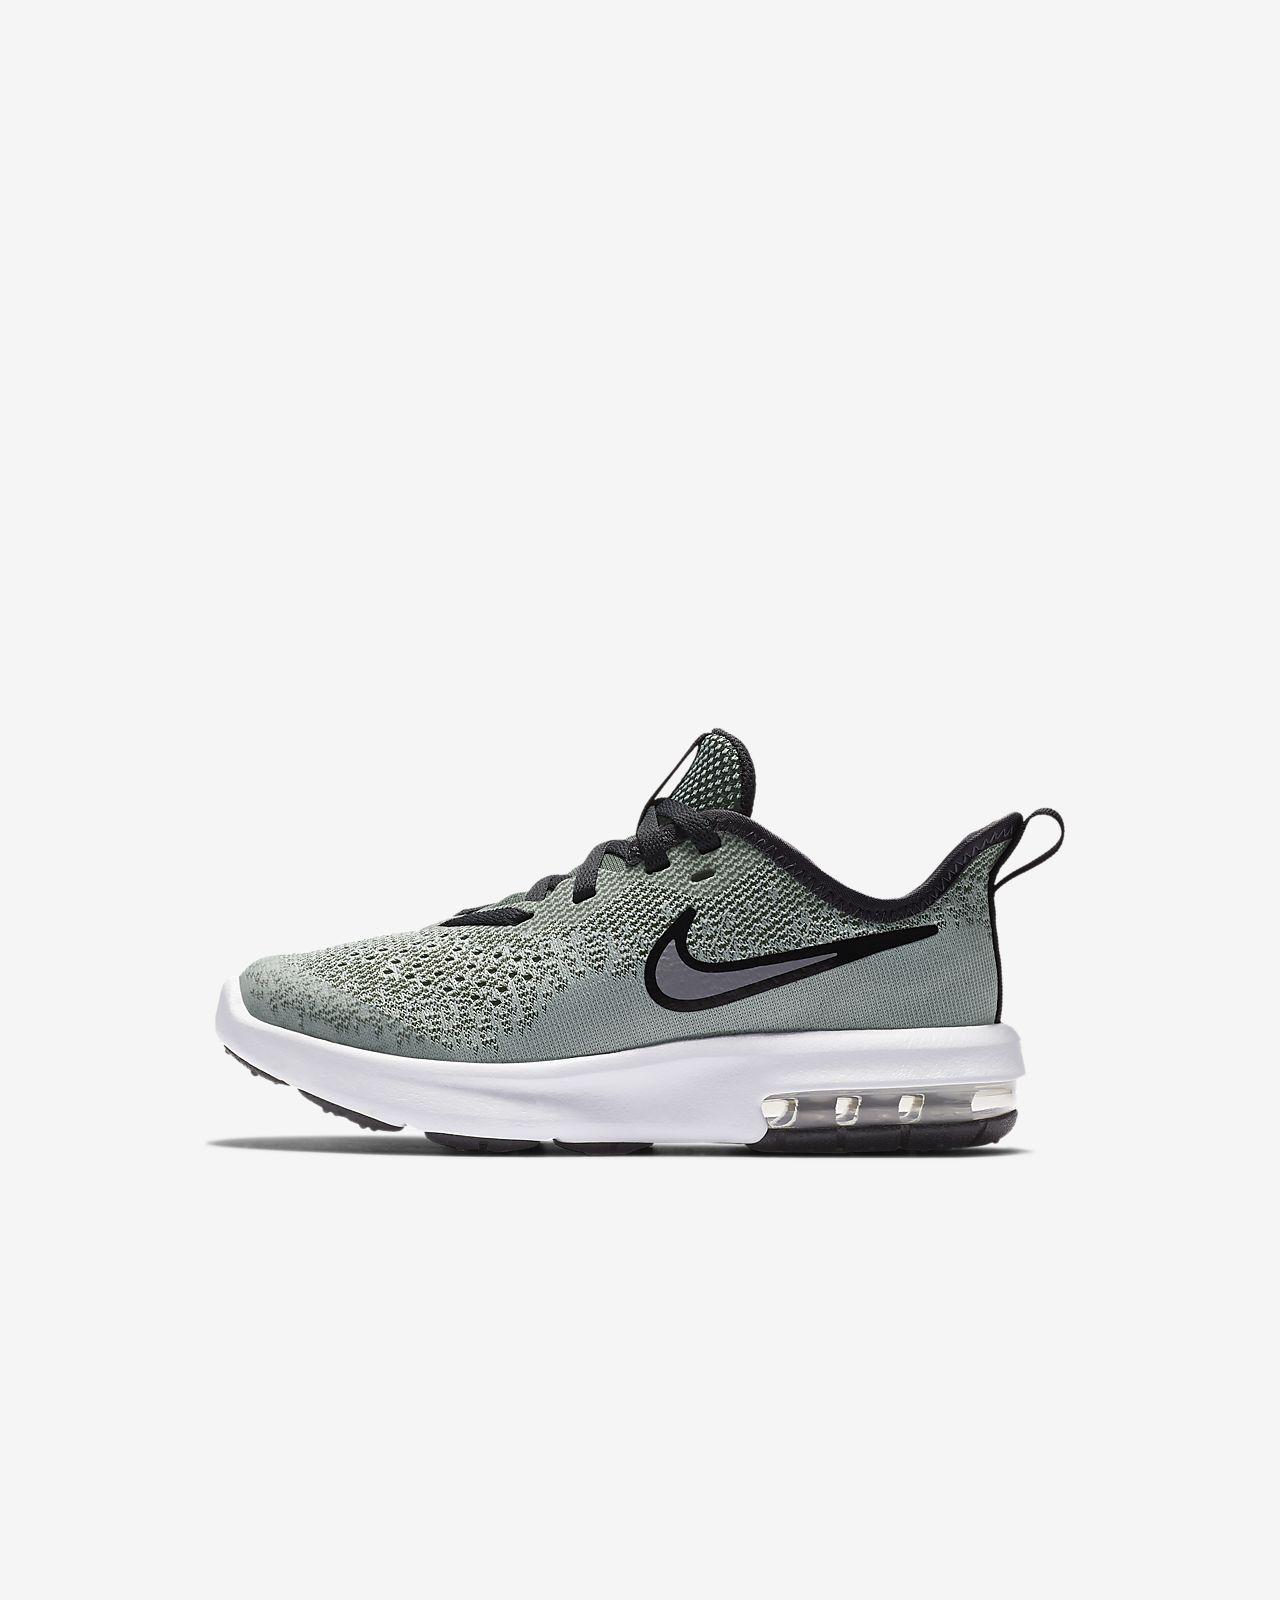 Παπούτσι Nike Air Max Sequent 4 για μικρά παιδιά